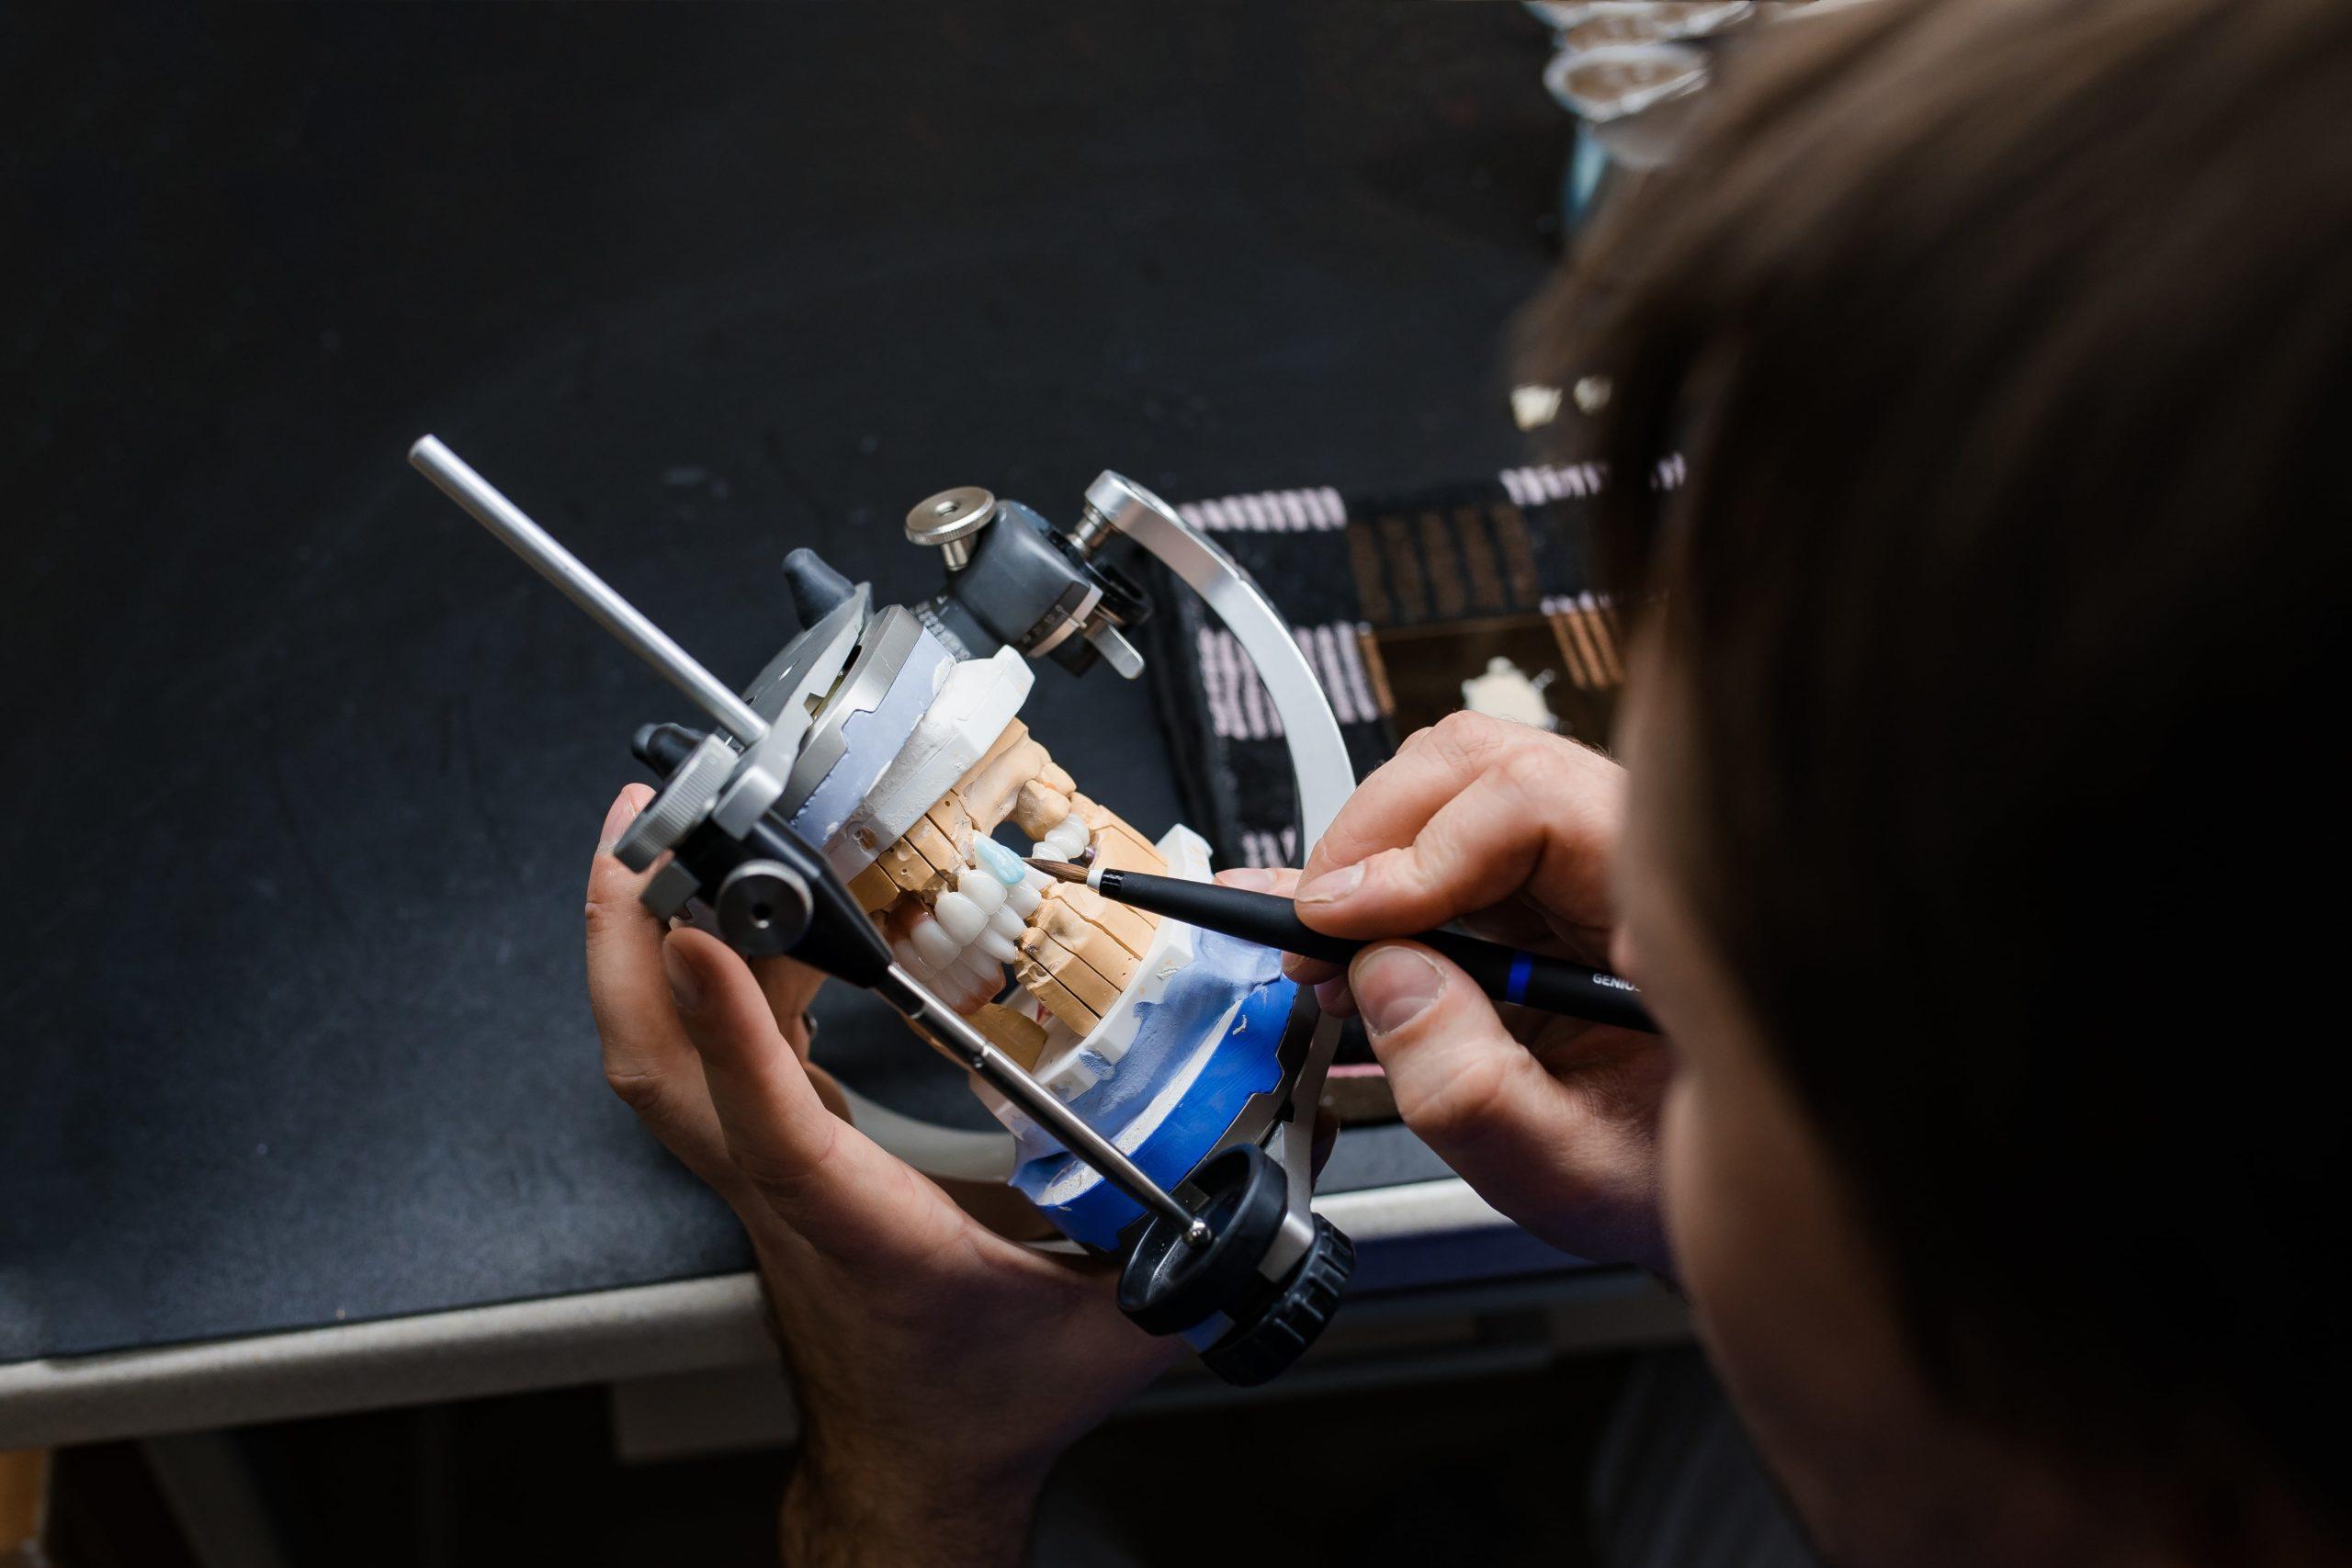 Der Zahntechniker konstruiert ein günstiges und effektives Implantat